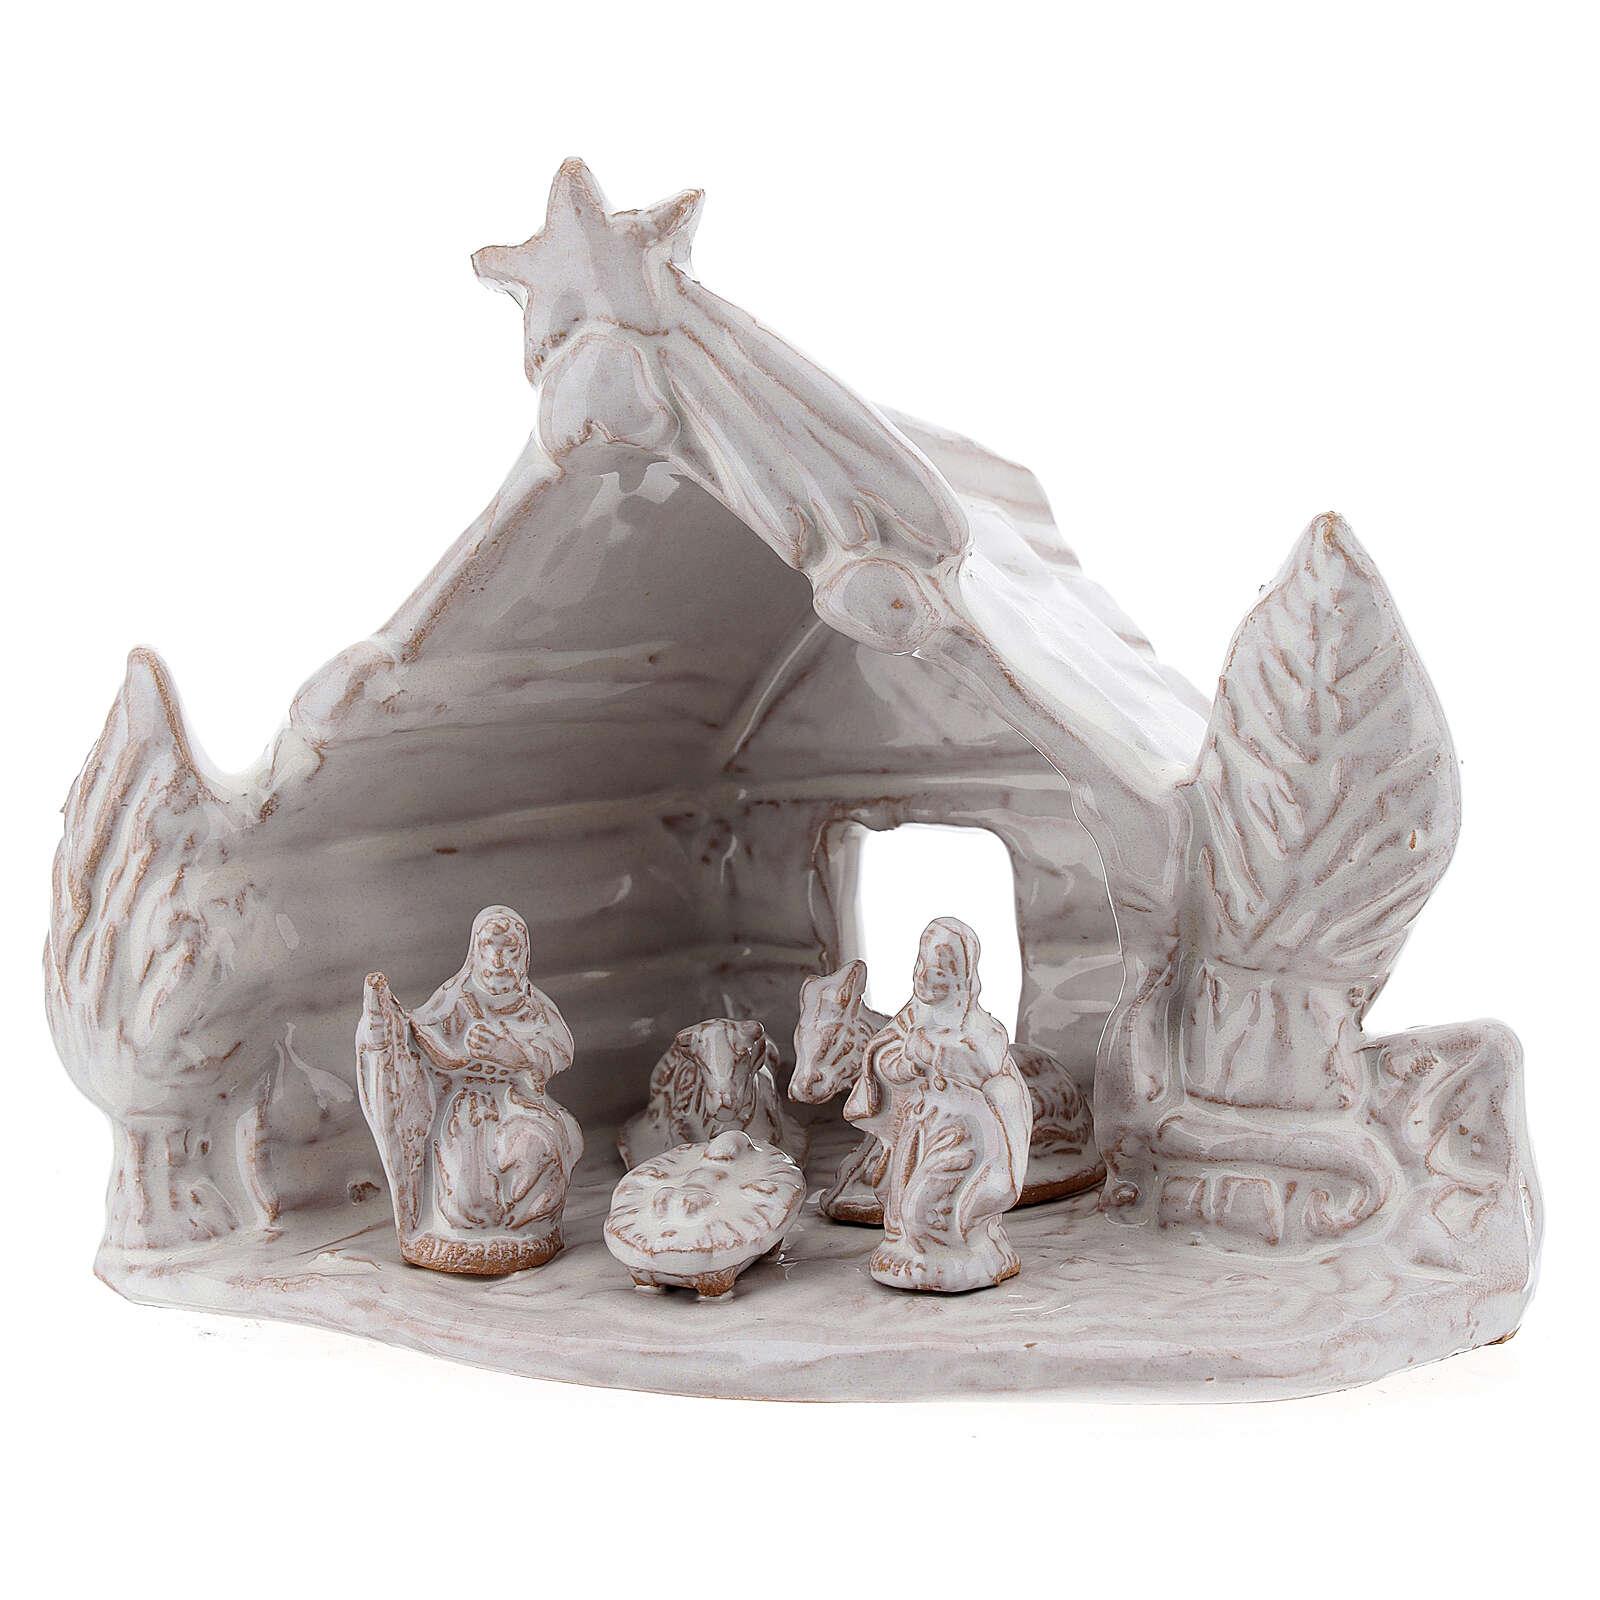 Trunk Nativity hut in white Deruta terracotta 10 cm 4